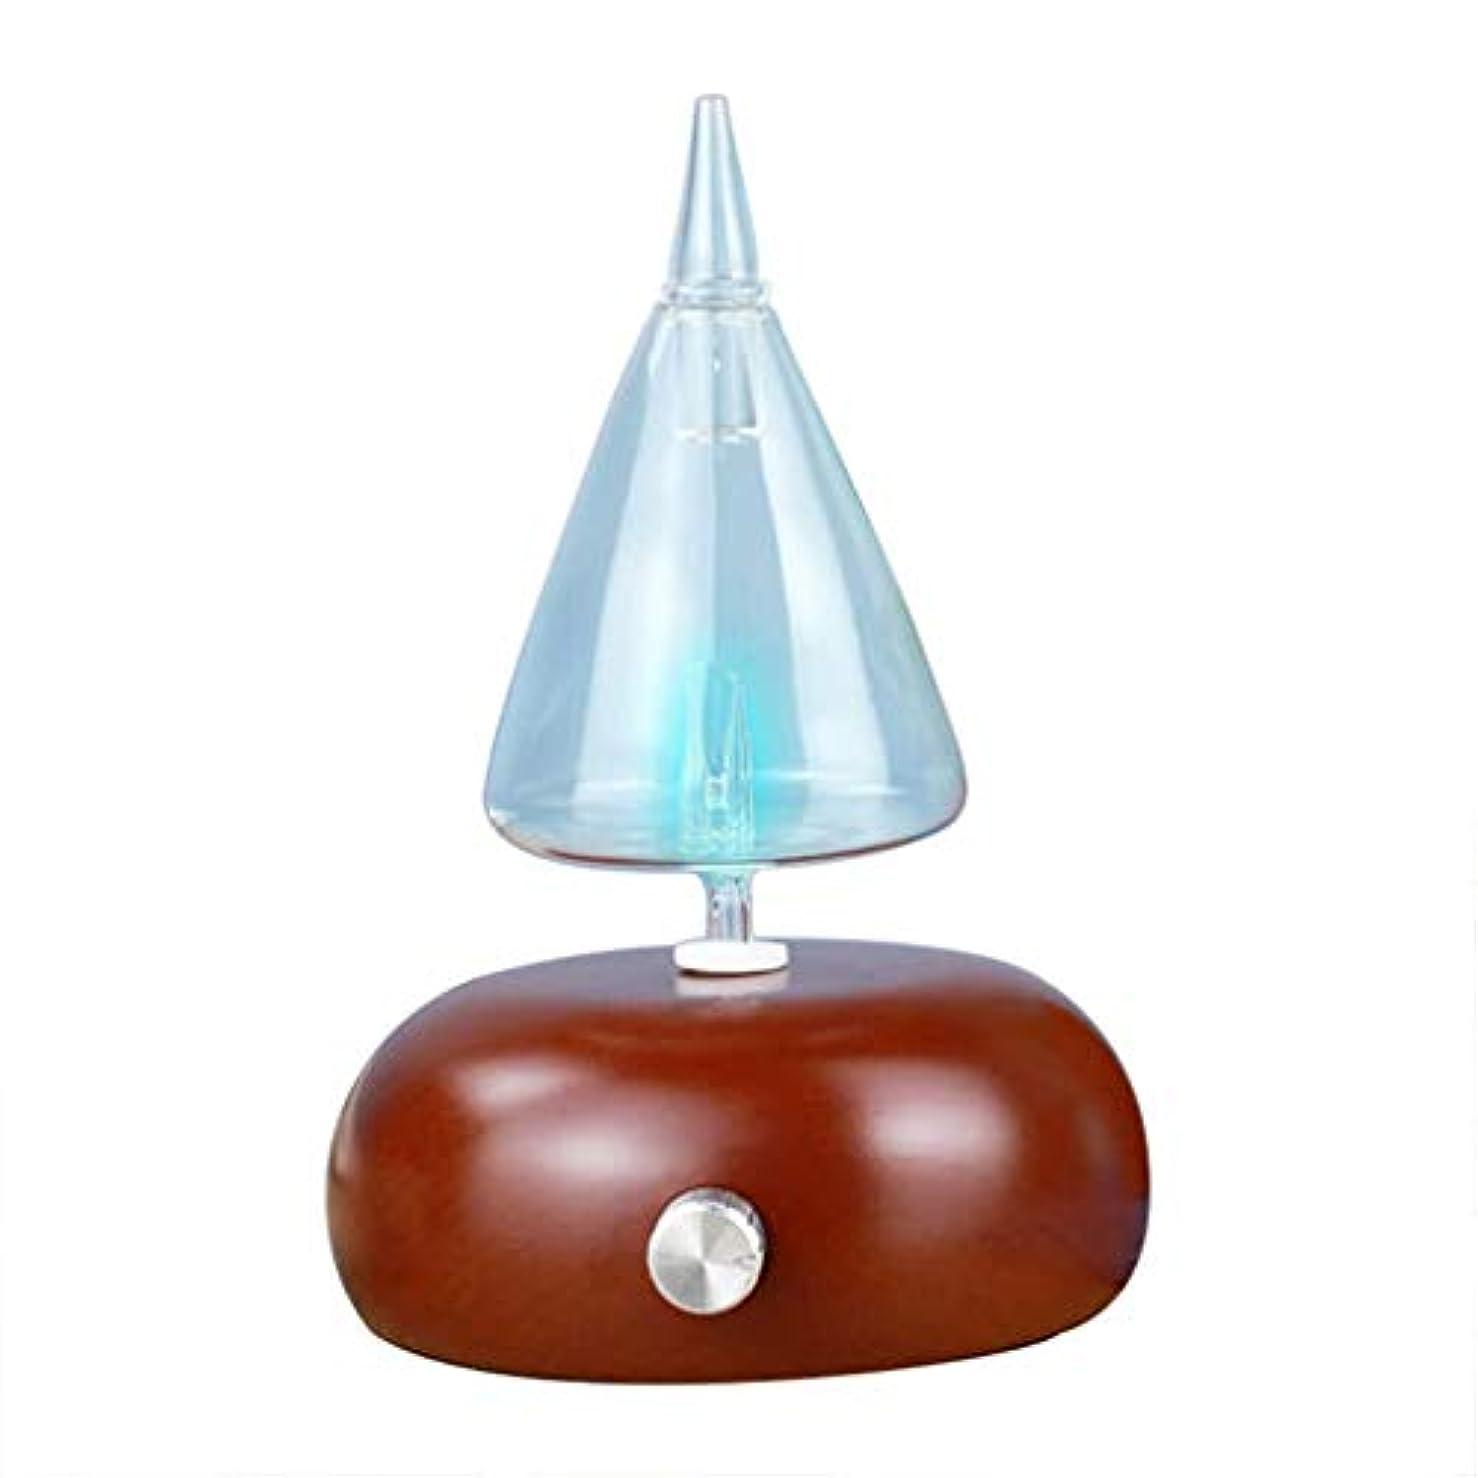 露出度の高いチート語アロマテラピーマシン、ガラスエッセンシャルオイルディフューザー、超音波加湿器、ウッドグレインアロマテラピーディフューザーマシン、LEDライトを変える7色